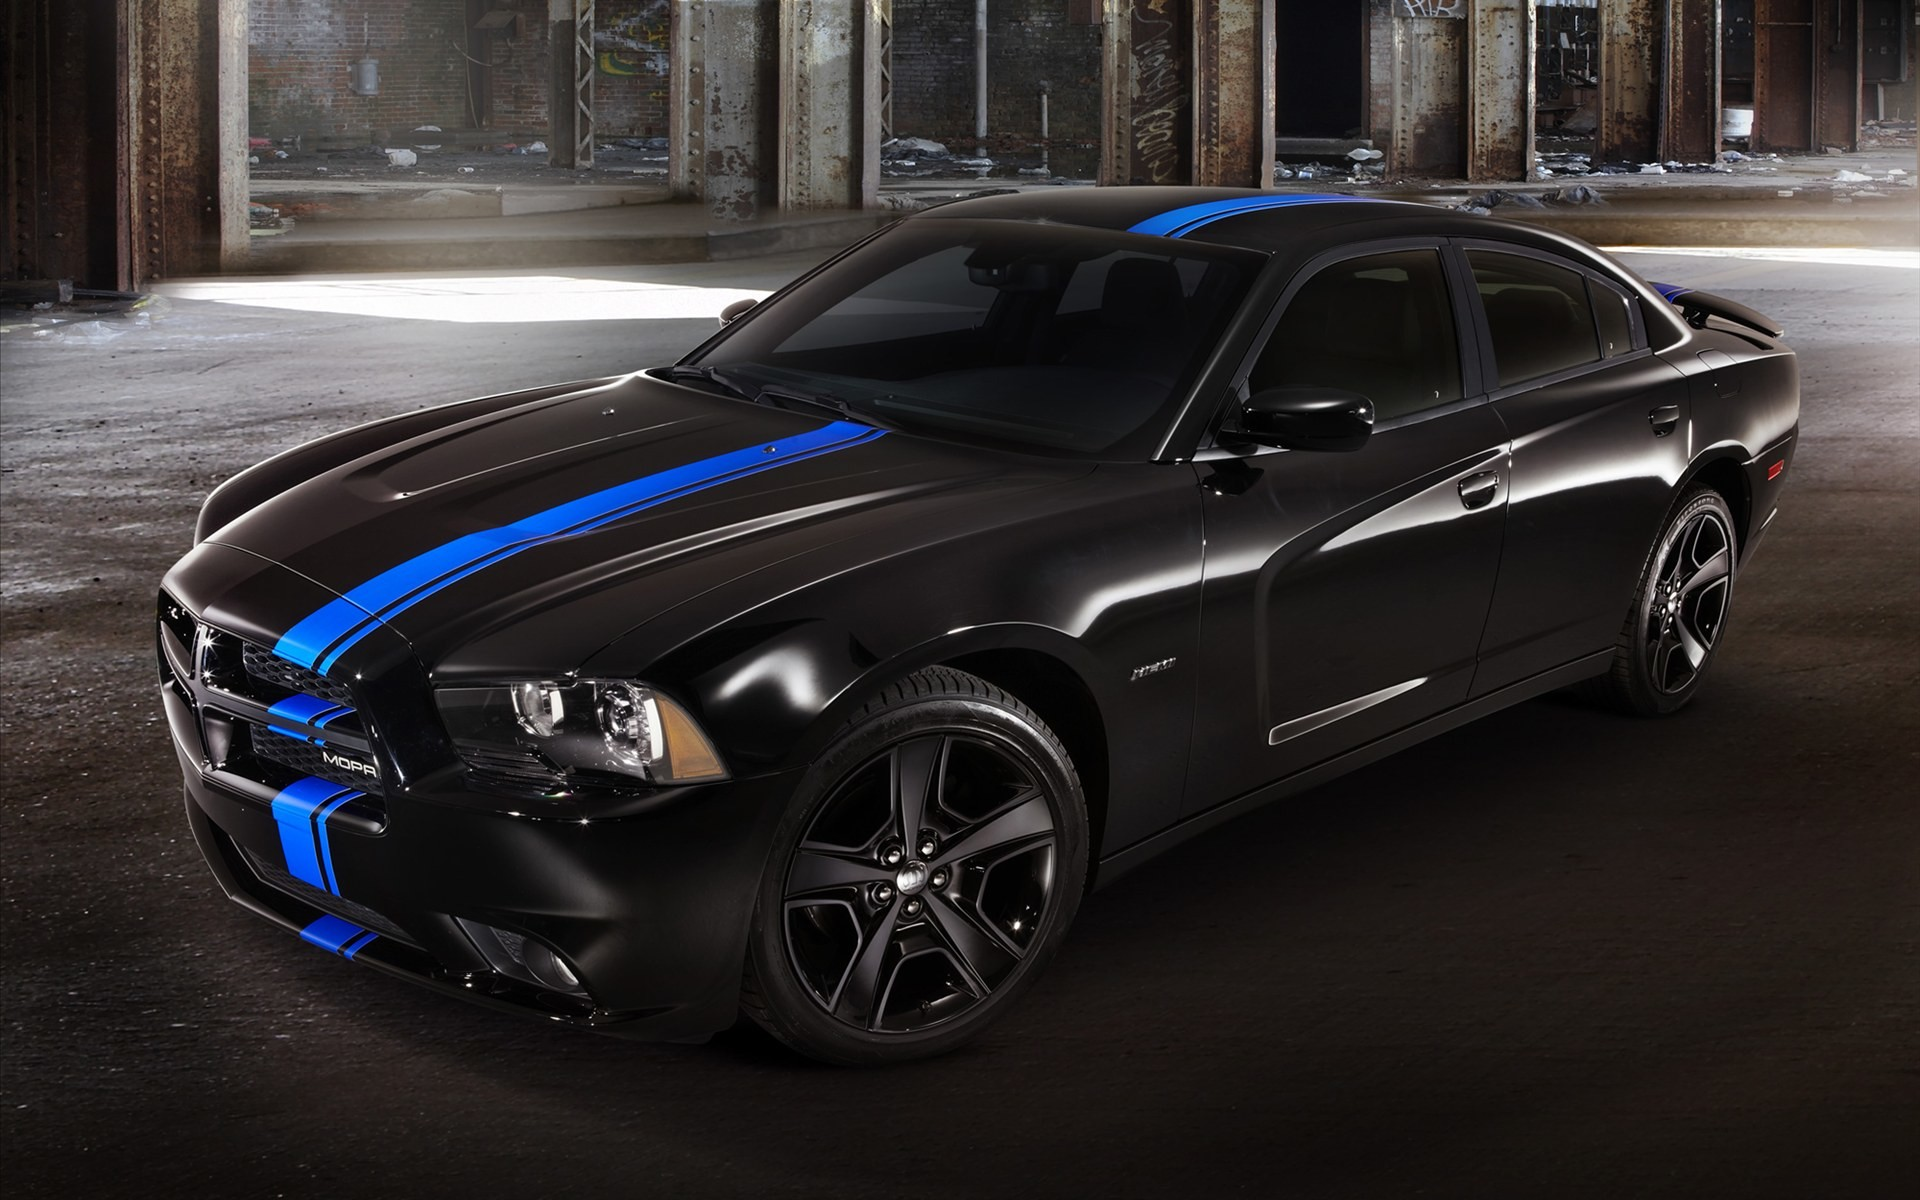 Dodge Charger Mopar hd wallpaper – #Dodge #DodgeChargerMoparHd  https://wallautos.